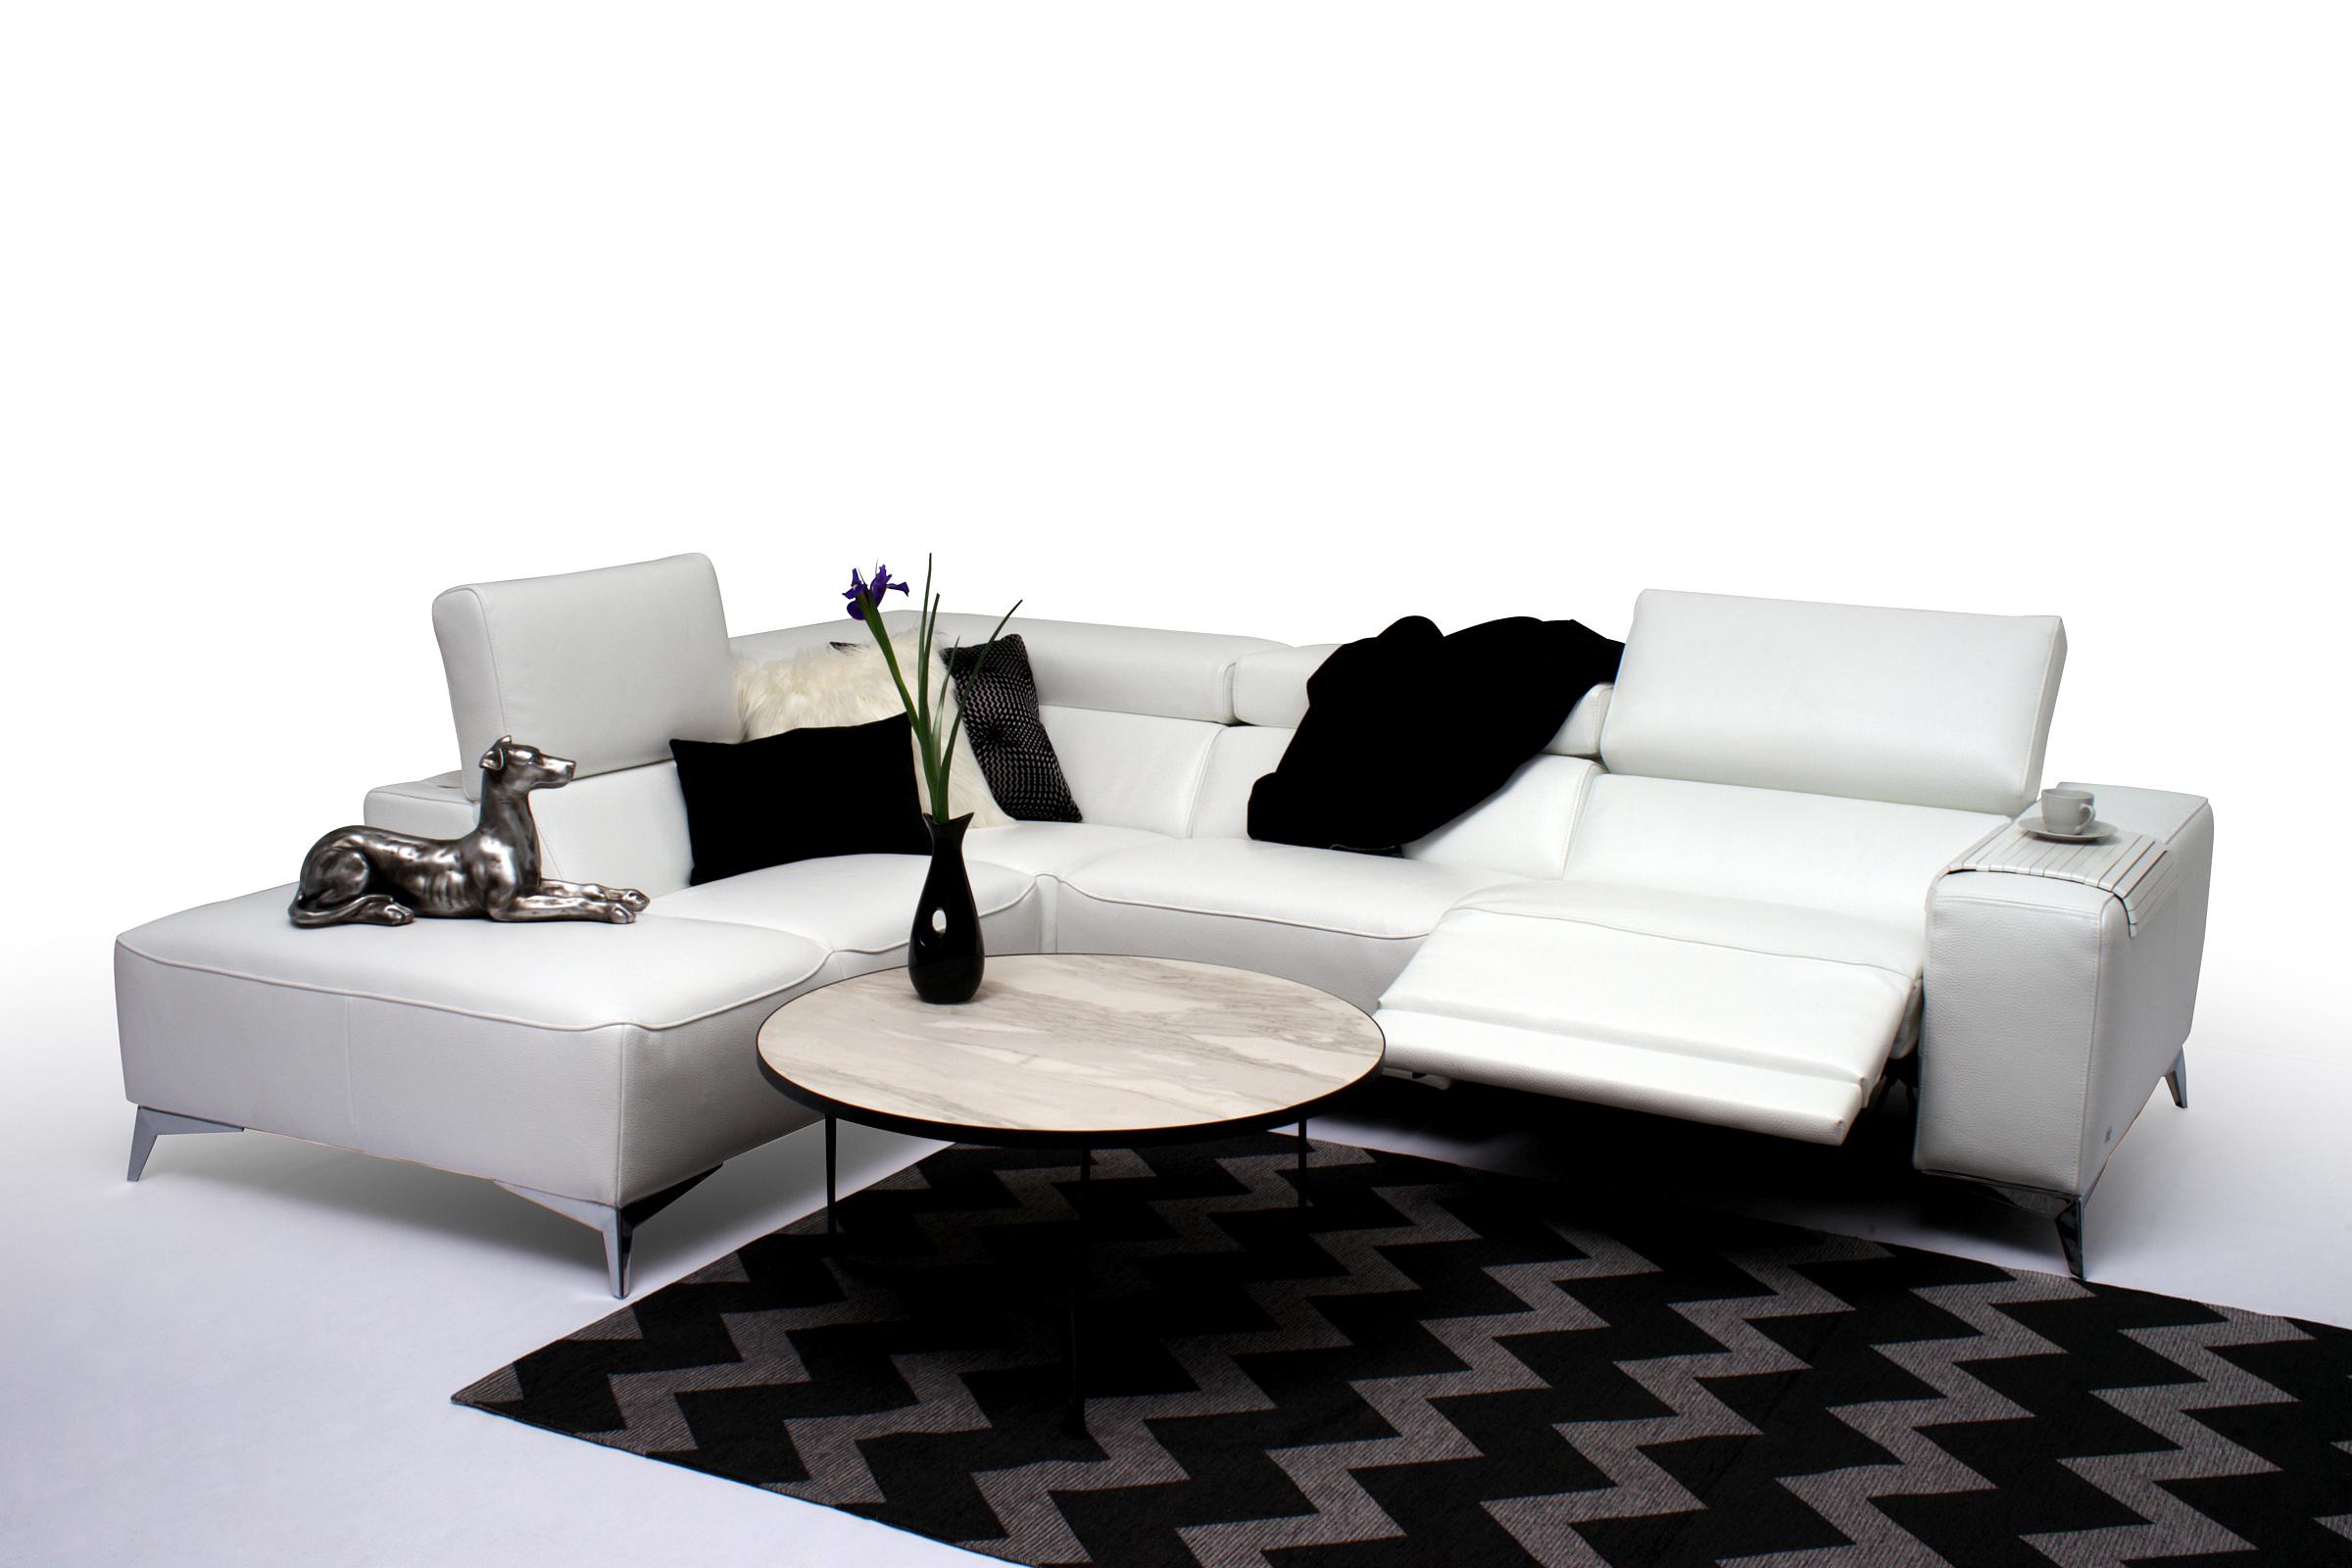 Longo biała elegancka kanapa narożna z relaxem aranżacja